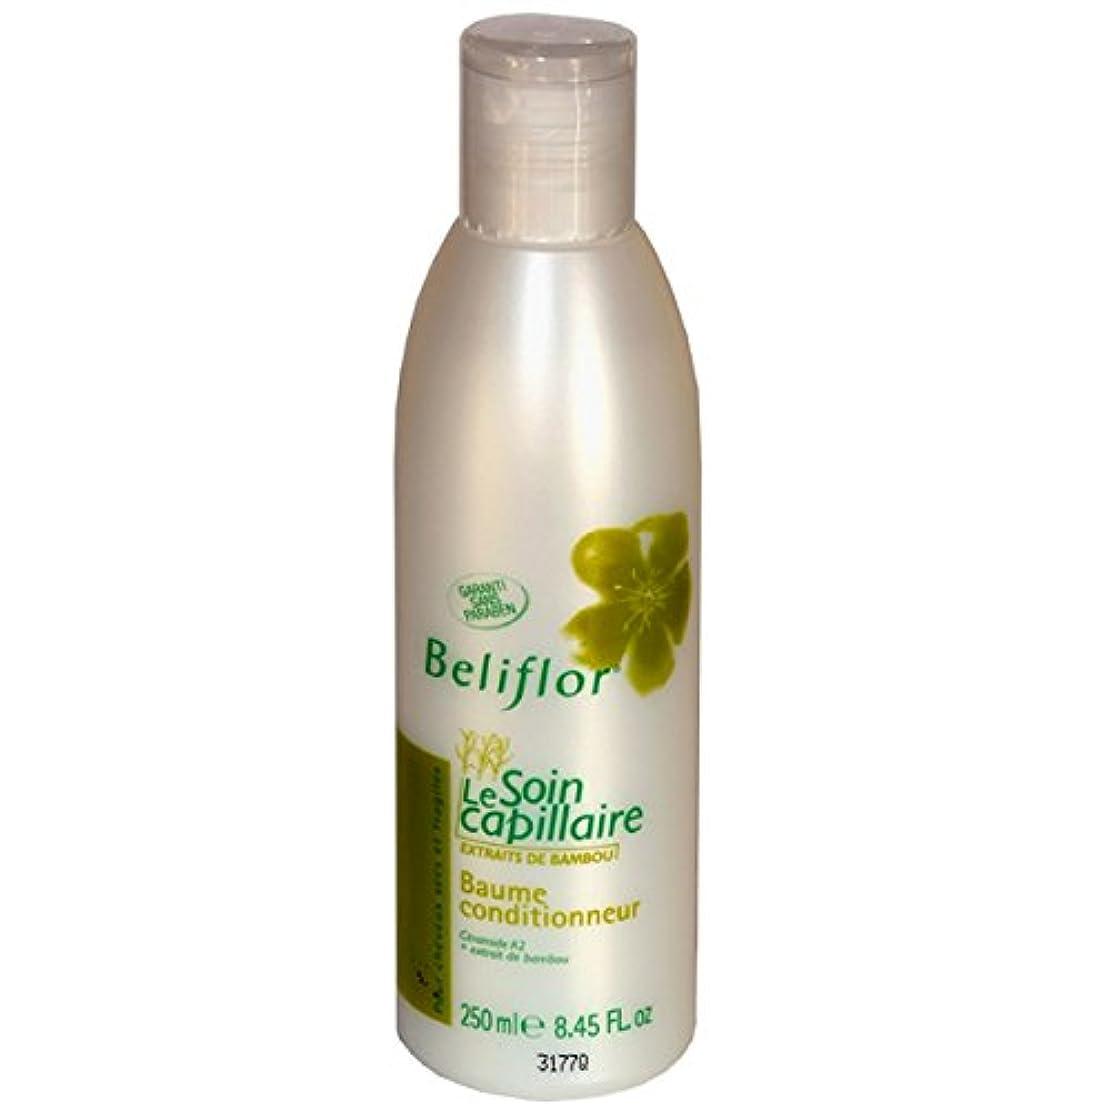 値クリークパキスタン人Beliflorコンディショニングバーム(250 ml)